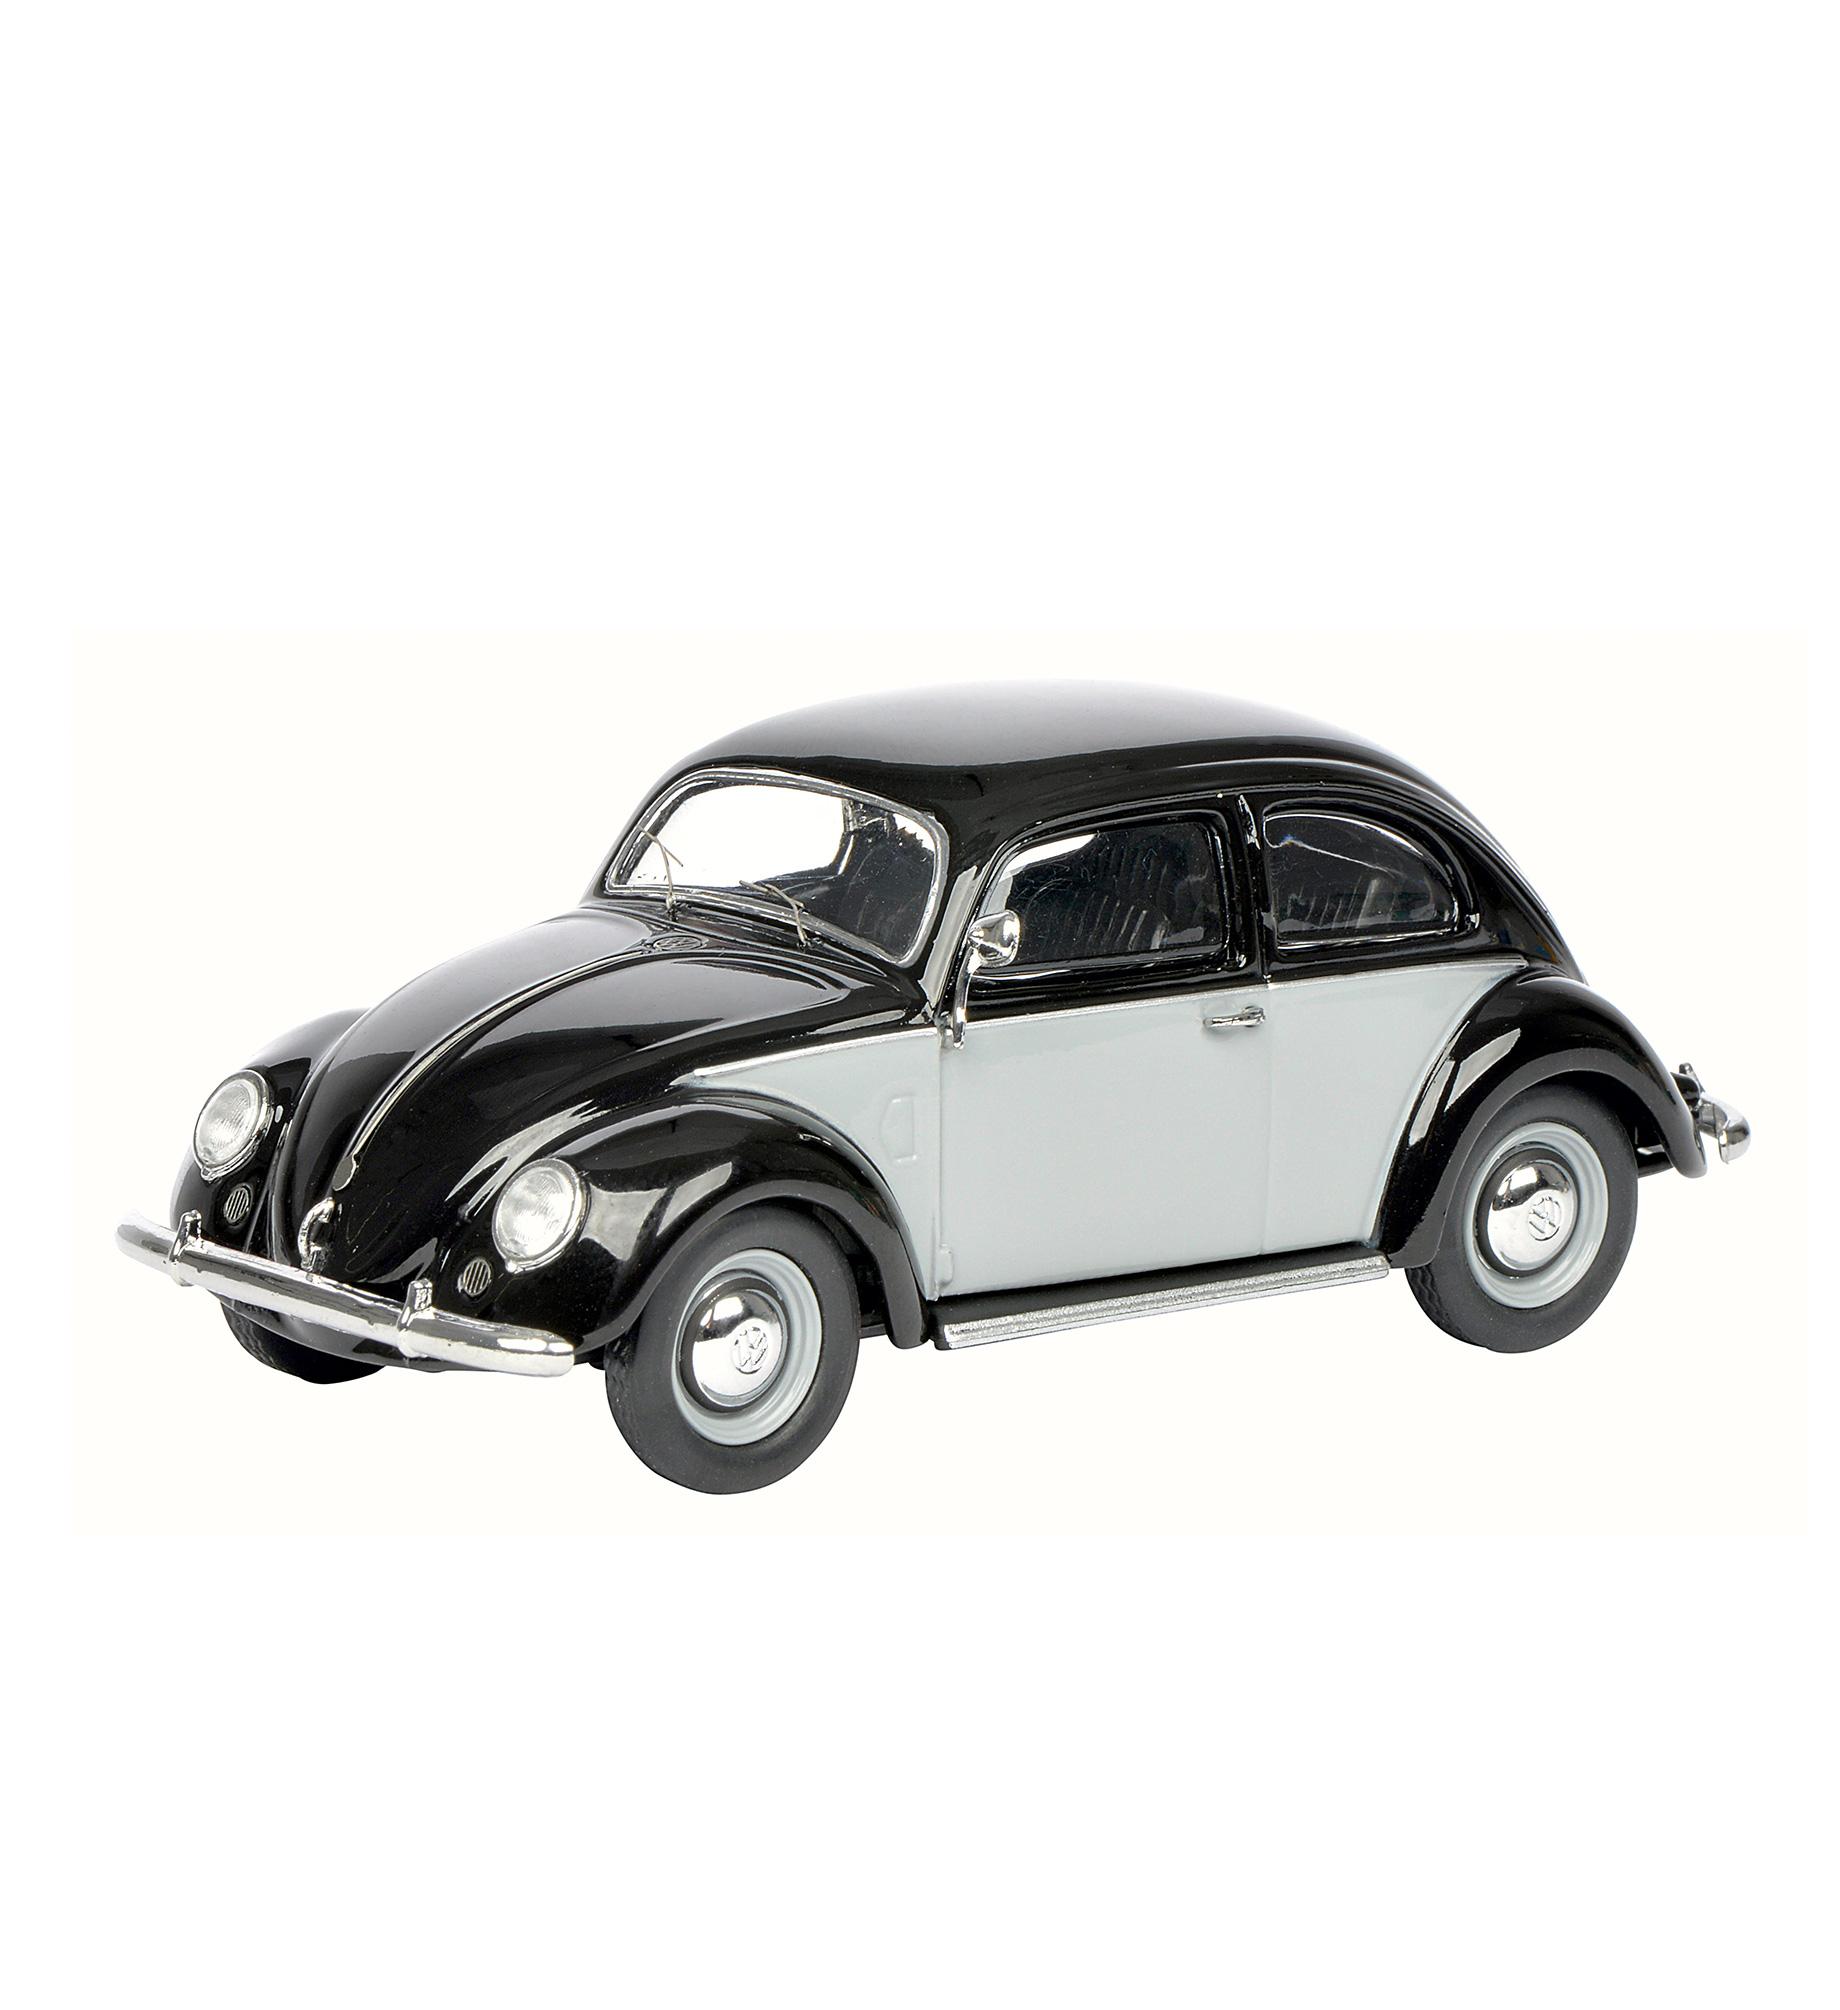 SCHUCO-Modell VW Brezelkäfer